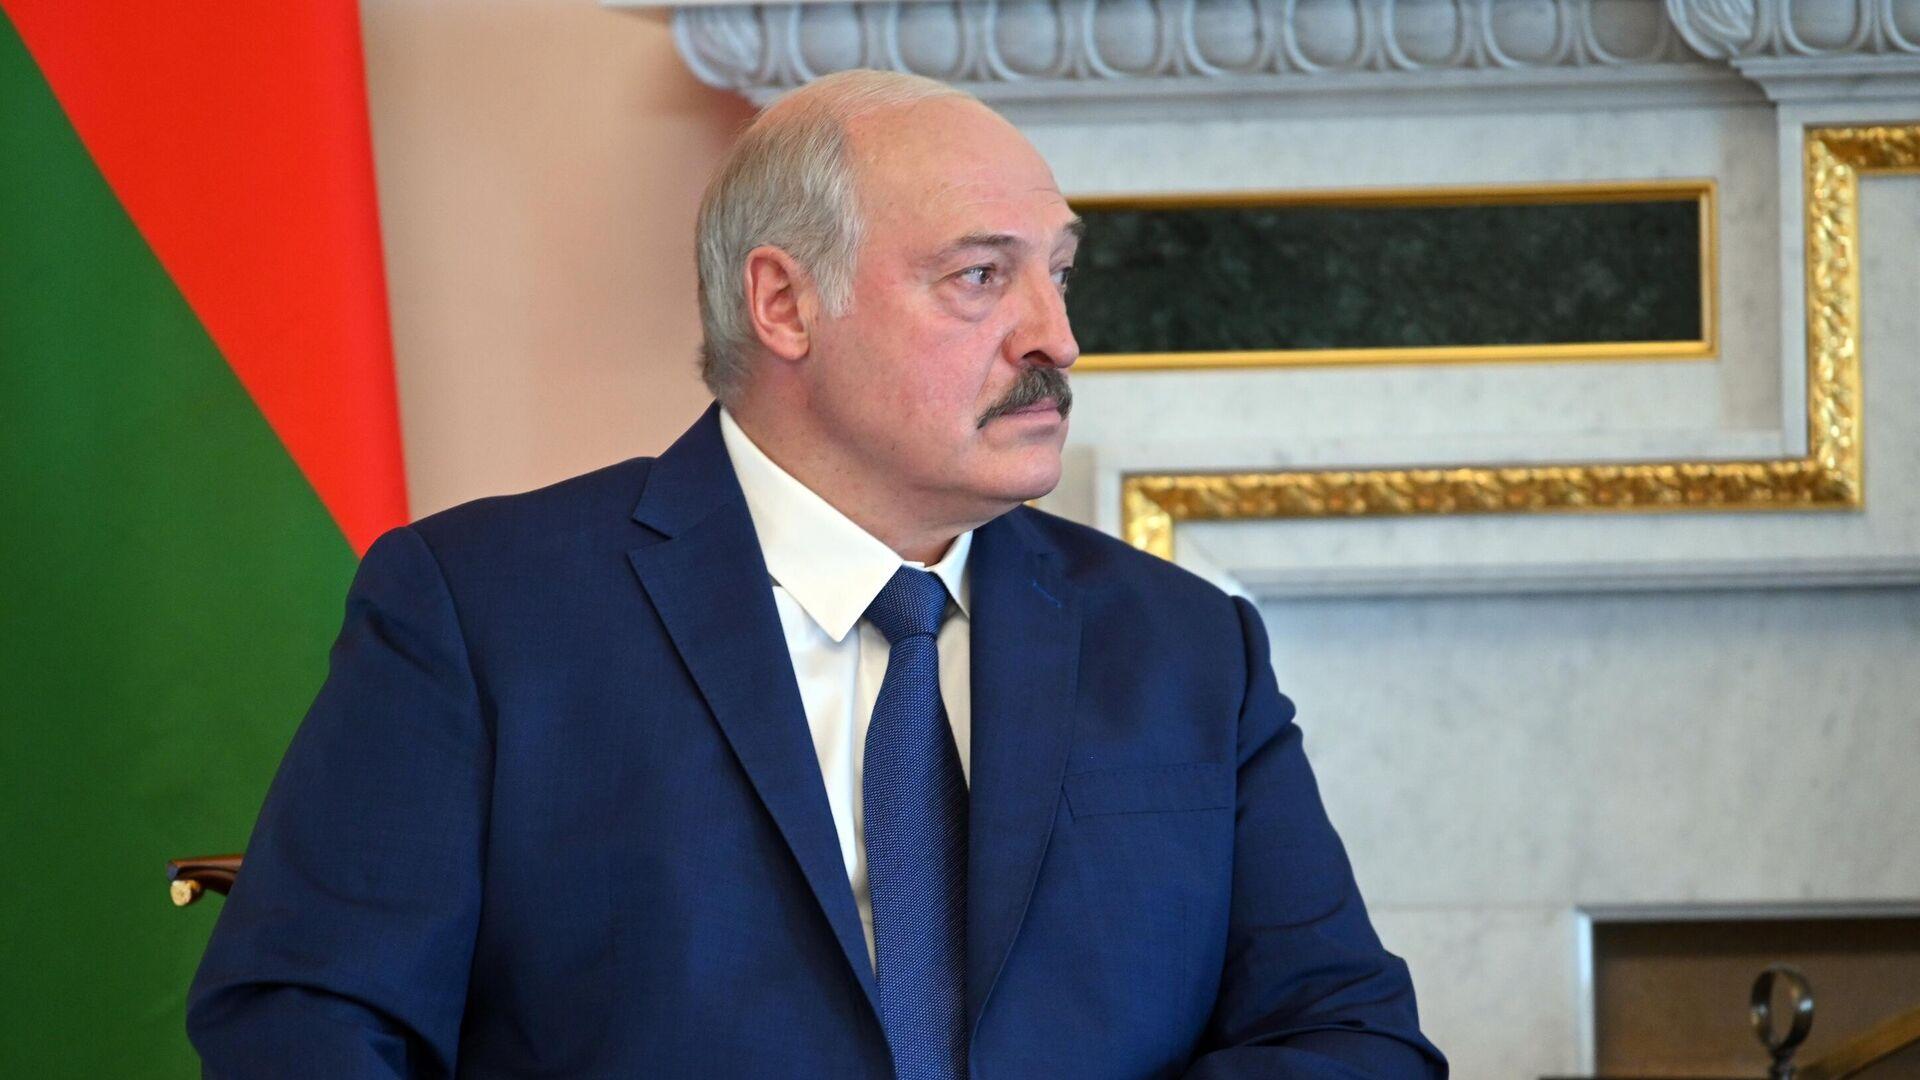 Президент Белоруссии Александр Лукашенко во время встречи с президентом РФ Владимиром Путиным - РИА Новости, 1920, 22.07.2021